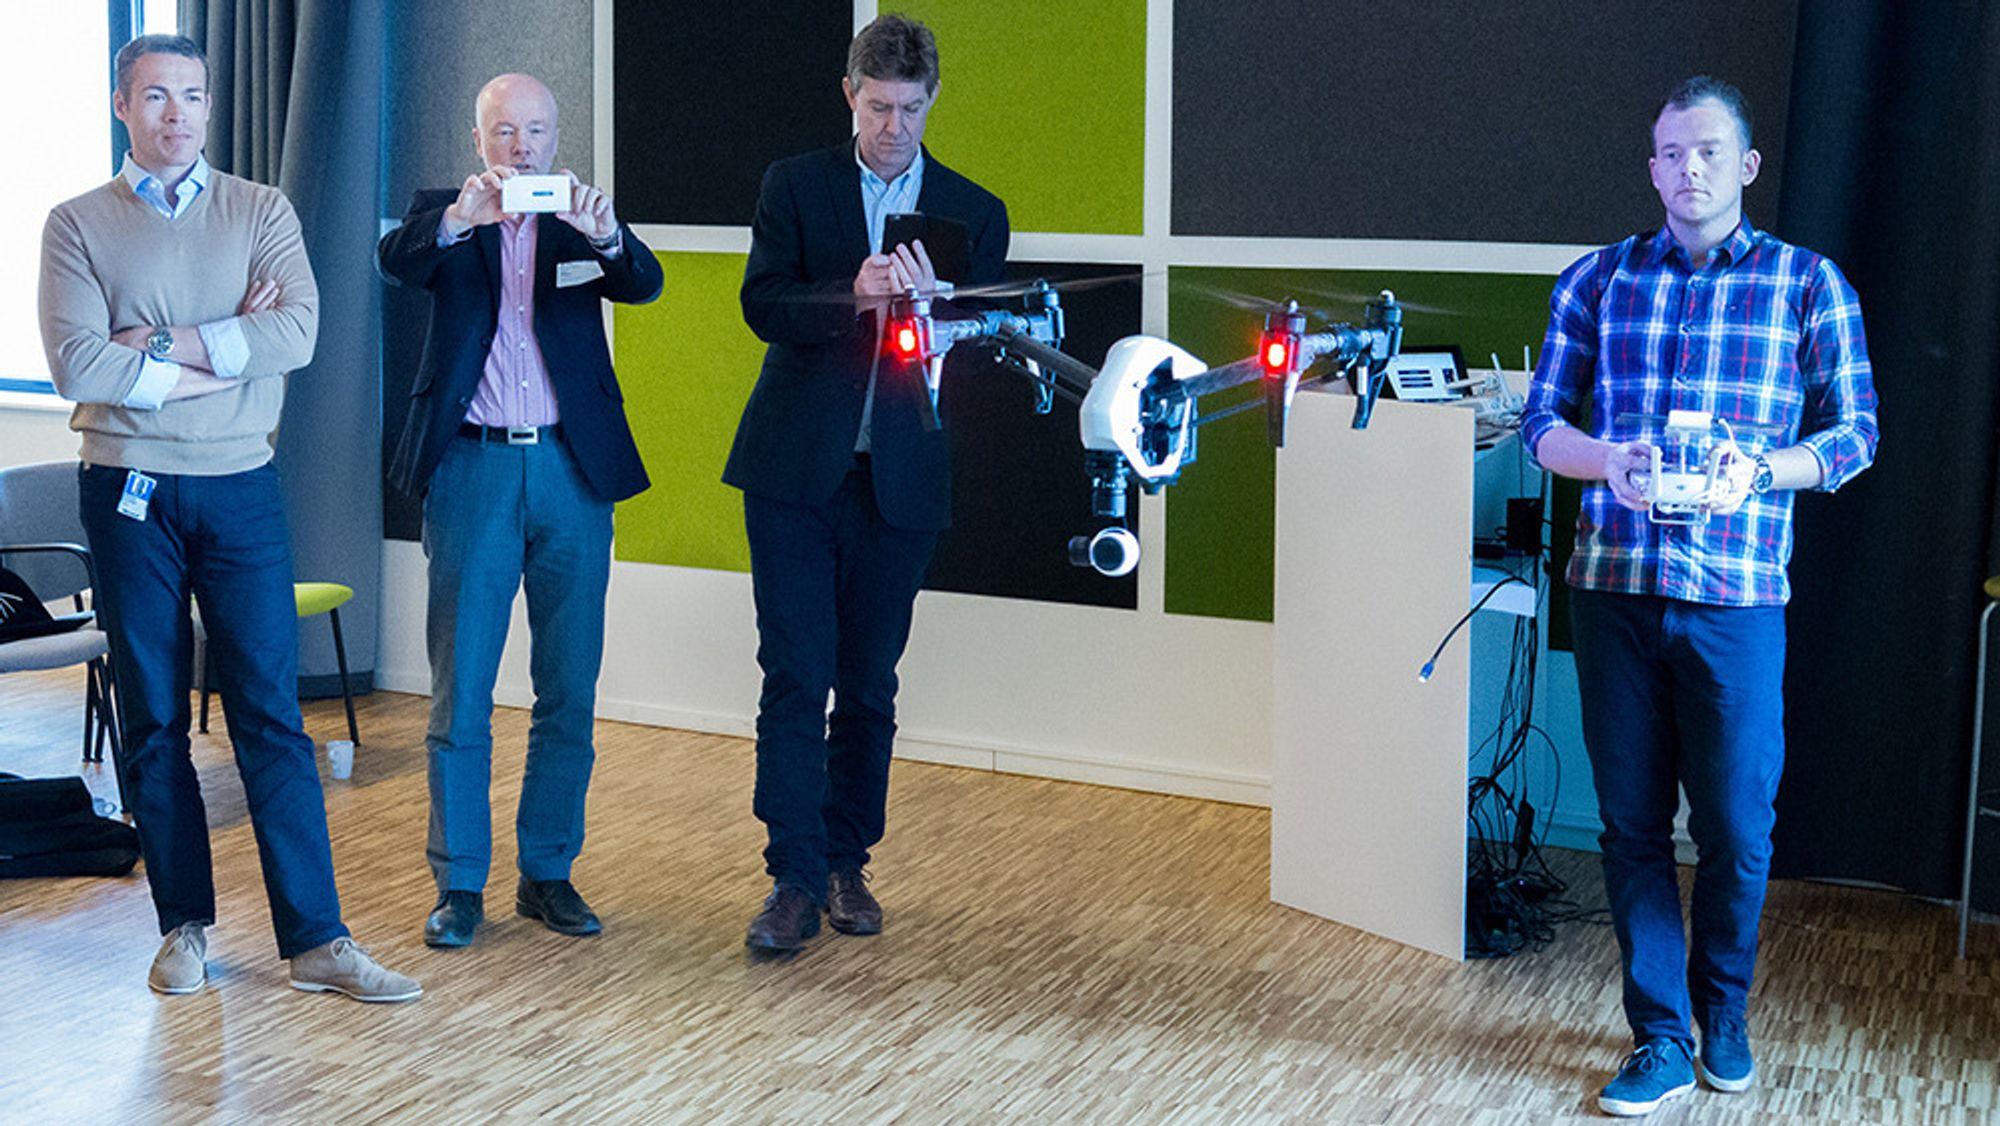 Moro på presentasjon, men dronen er også både nyttig og kostnadsbesparende for norske nettselskapet. Her ved Eilert Henriksen, nettdirektør i Fredrikstad Energi (nummer to fra venstre) og Jan Erik Brattbakk, nettdirektør i Ringeriks-kraft (nummer tre fra venstre).